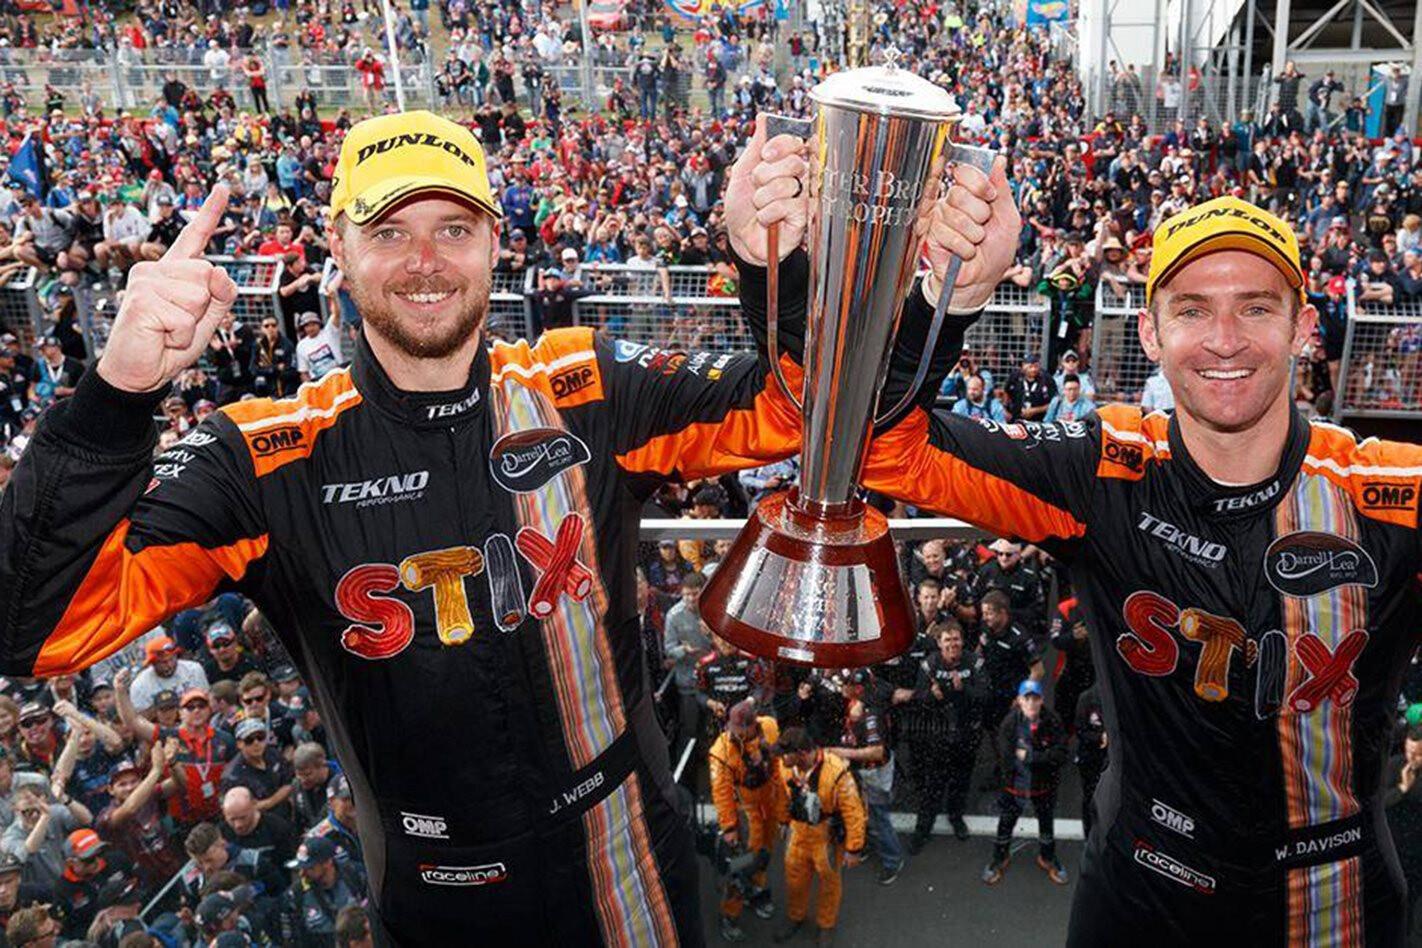 Jono Webb and Will Davison win the Bathurst 1000